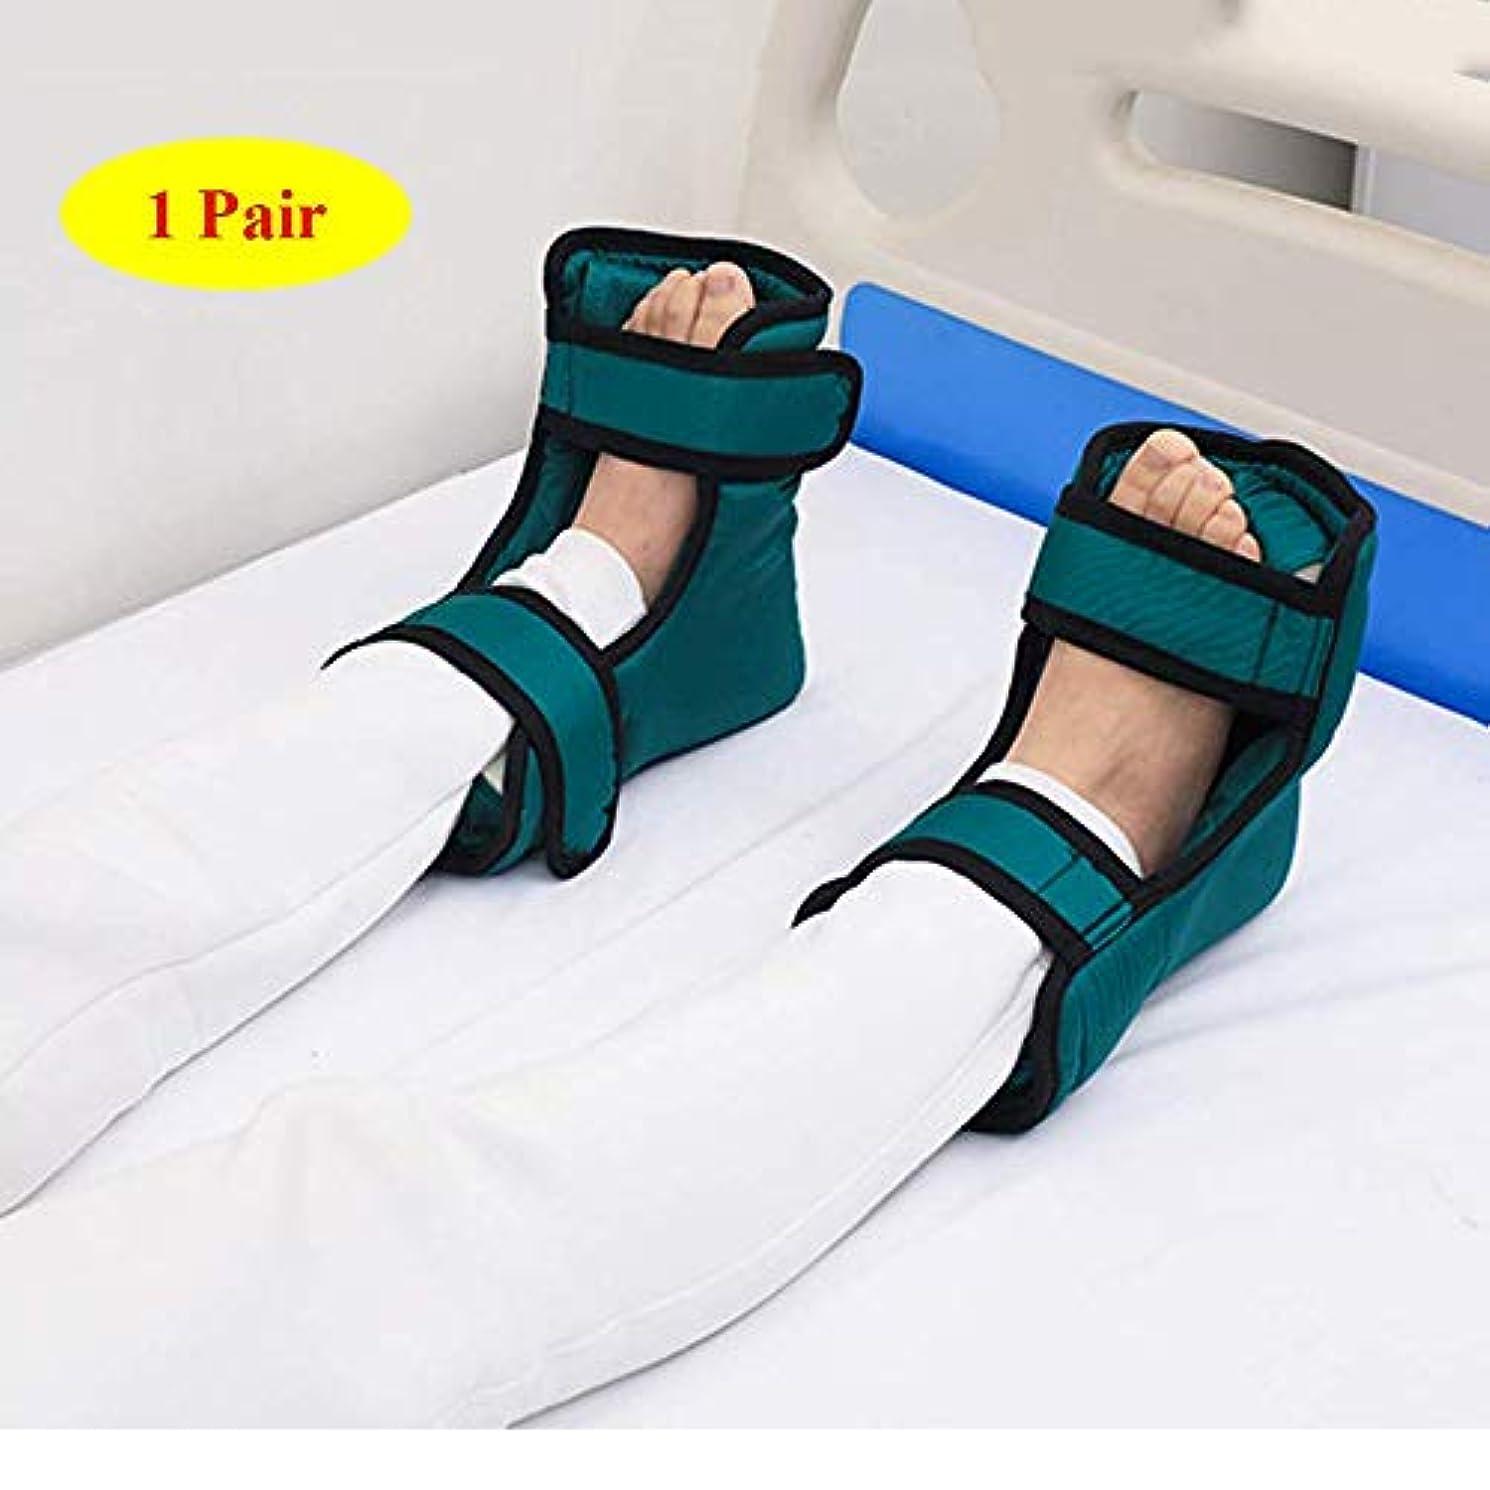 靄なるそれによってヒールクッションプロテクターの1ペア - 足と足首の枕パッドは、保護ブーツ褥瘡や床ずれから足肘かかとを保護するヒール